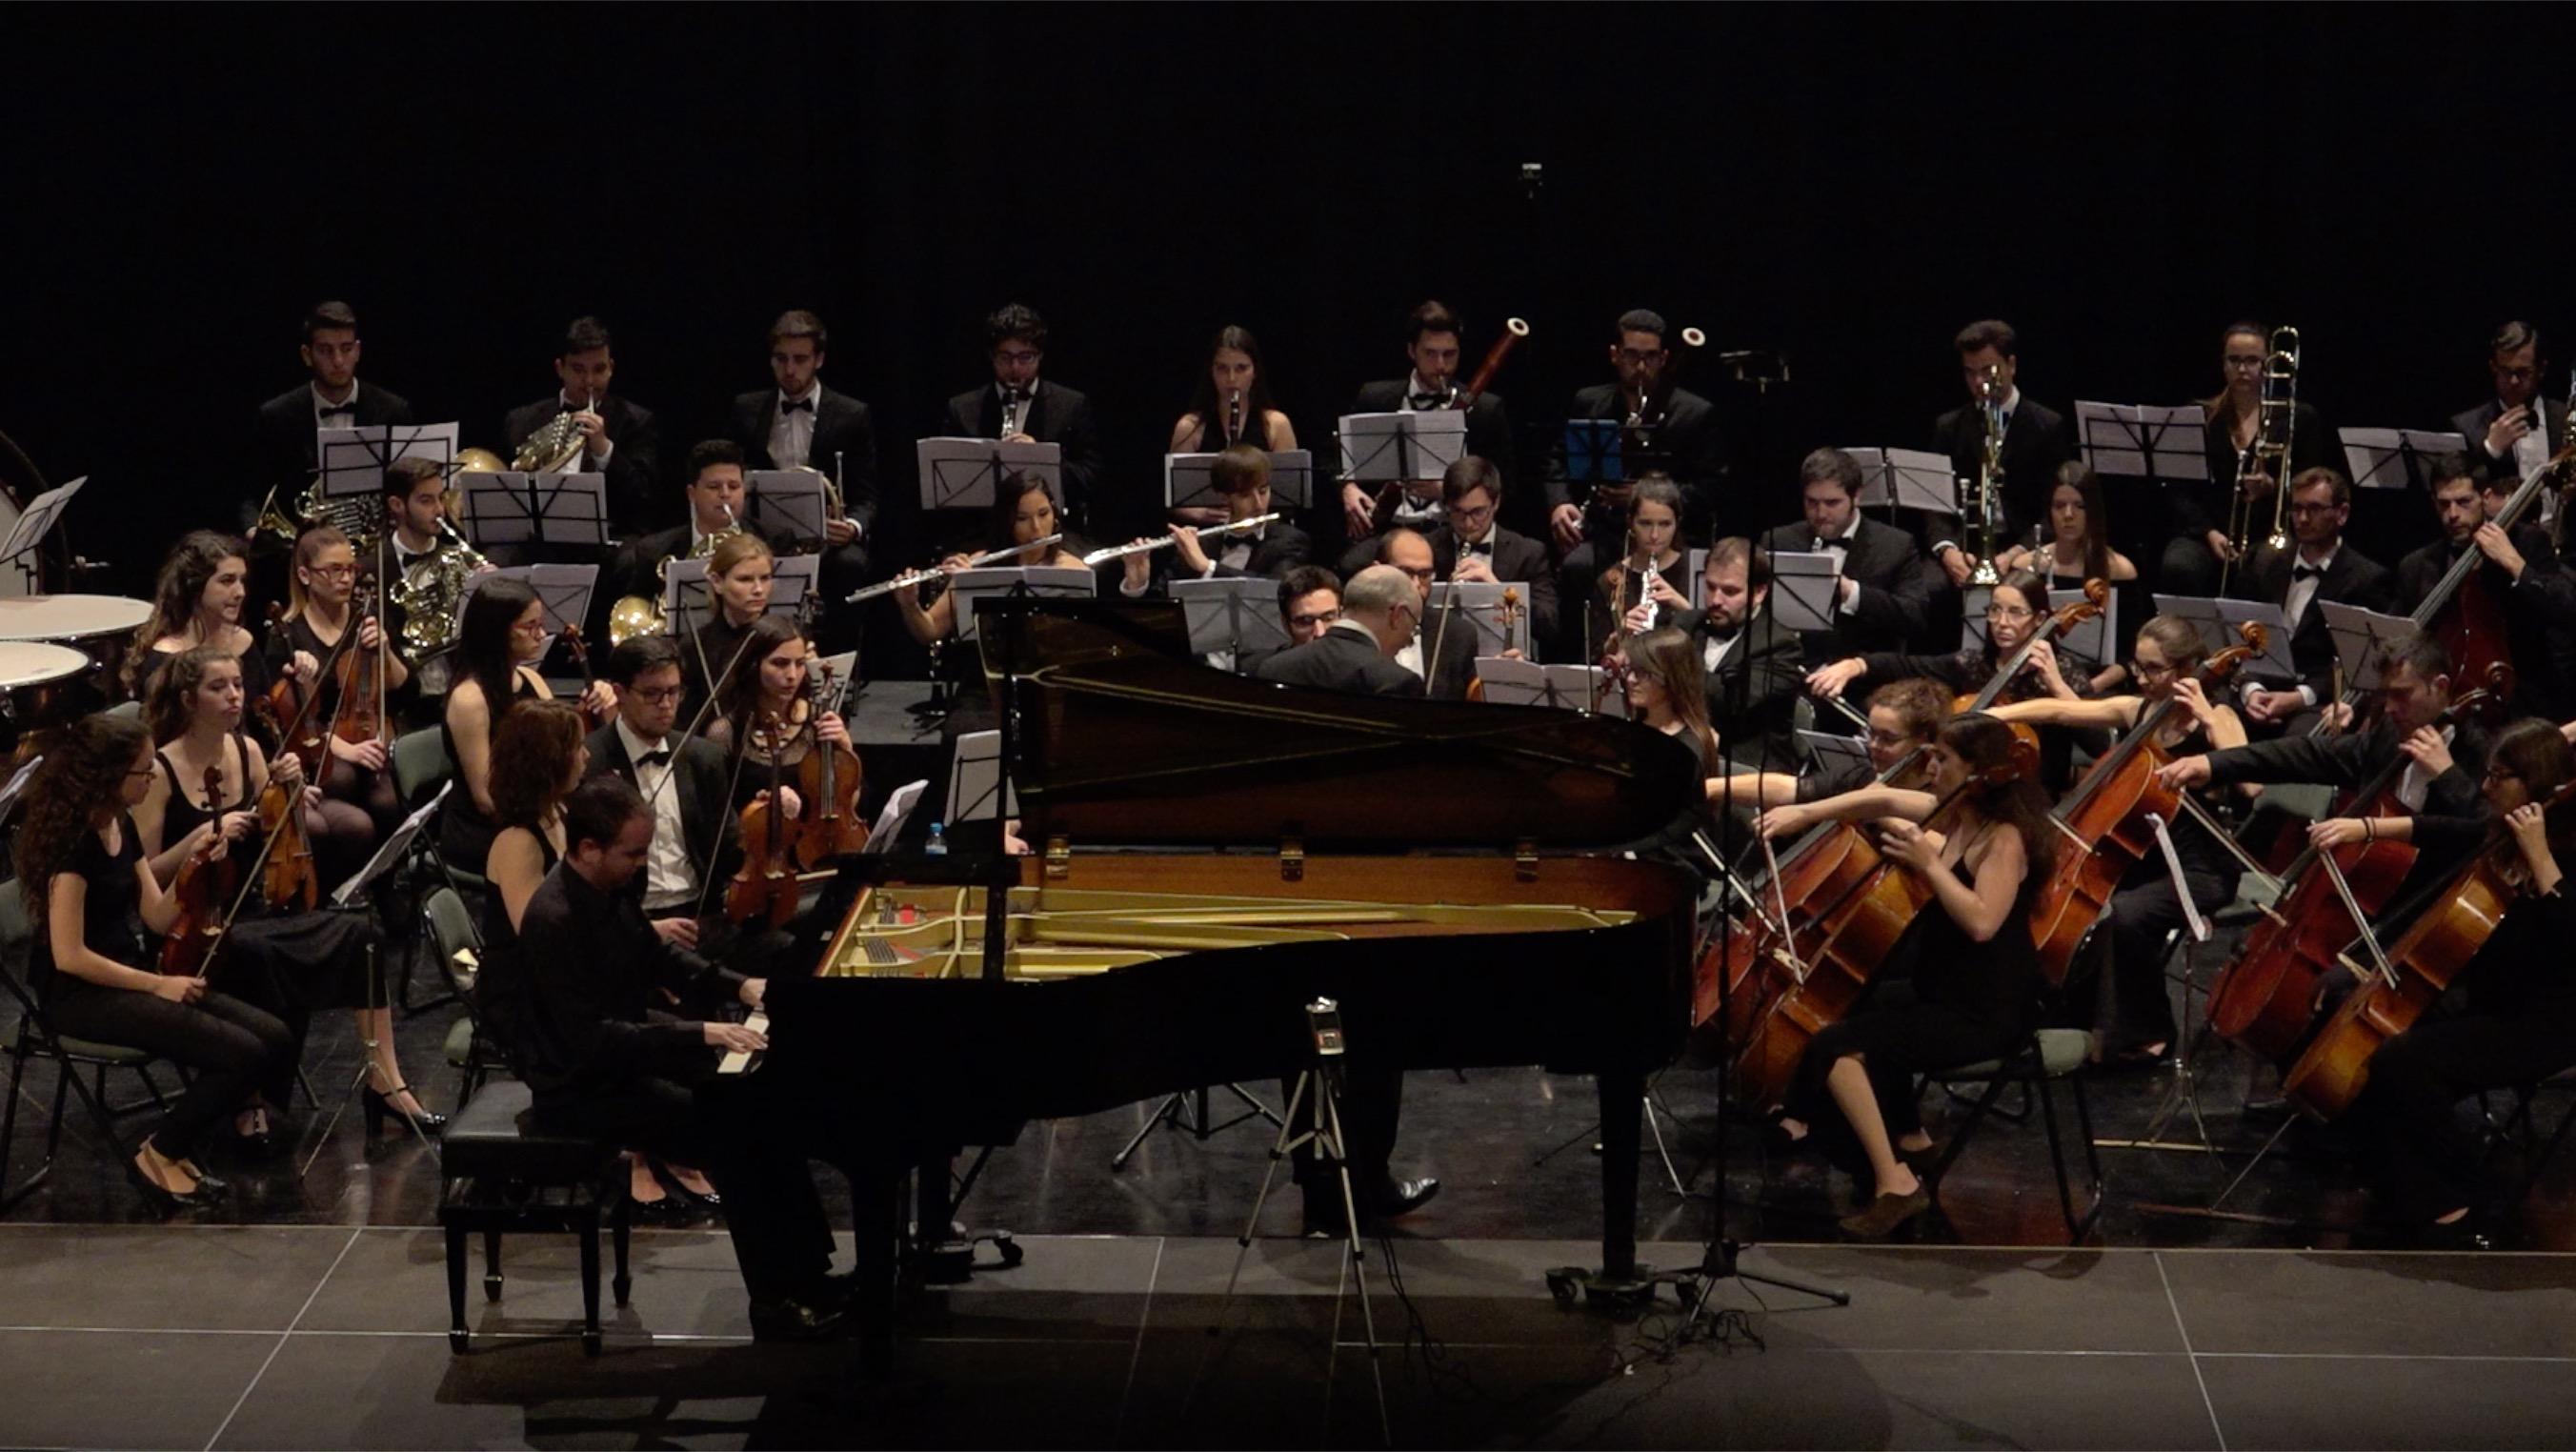 Brillante versión del segundo concierto de Rachmaninov a cargo de Alejandro Algarra y la JOSE. Foto: AZ Producciones